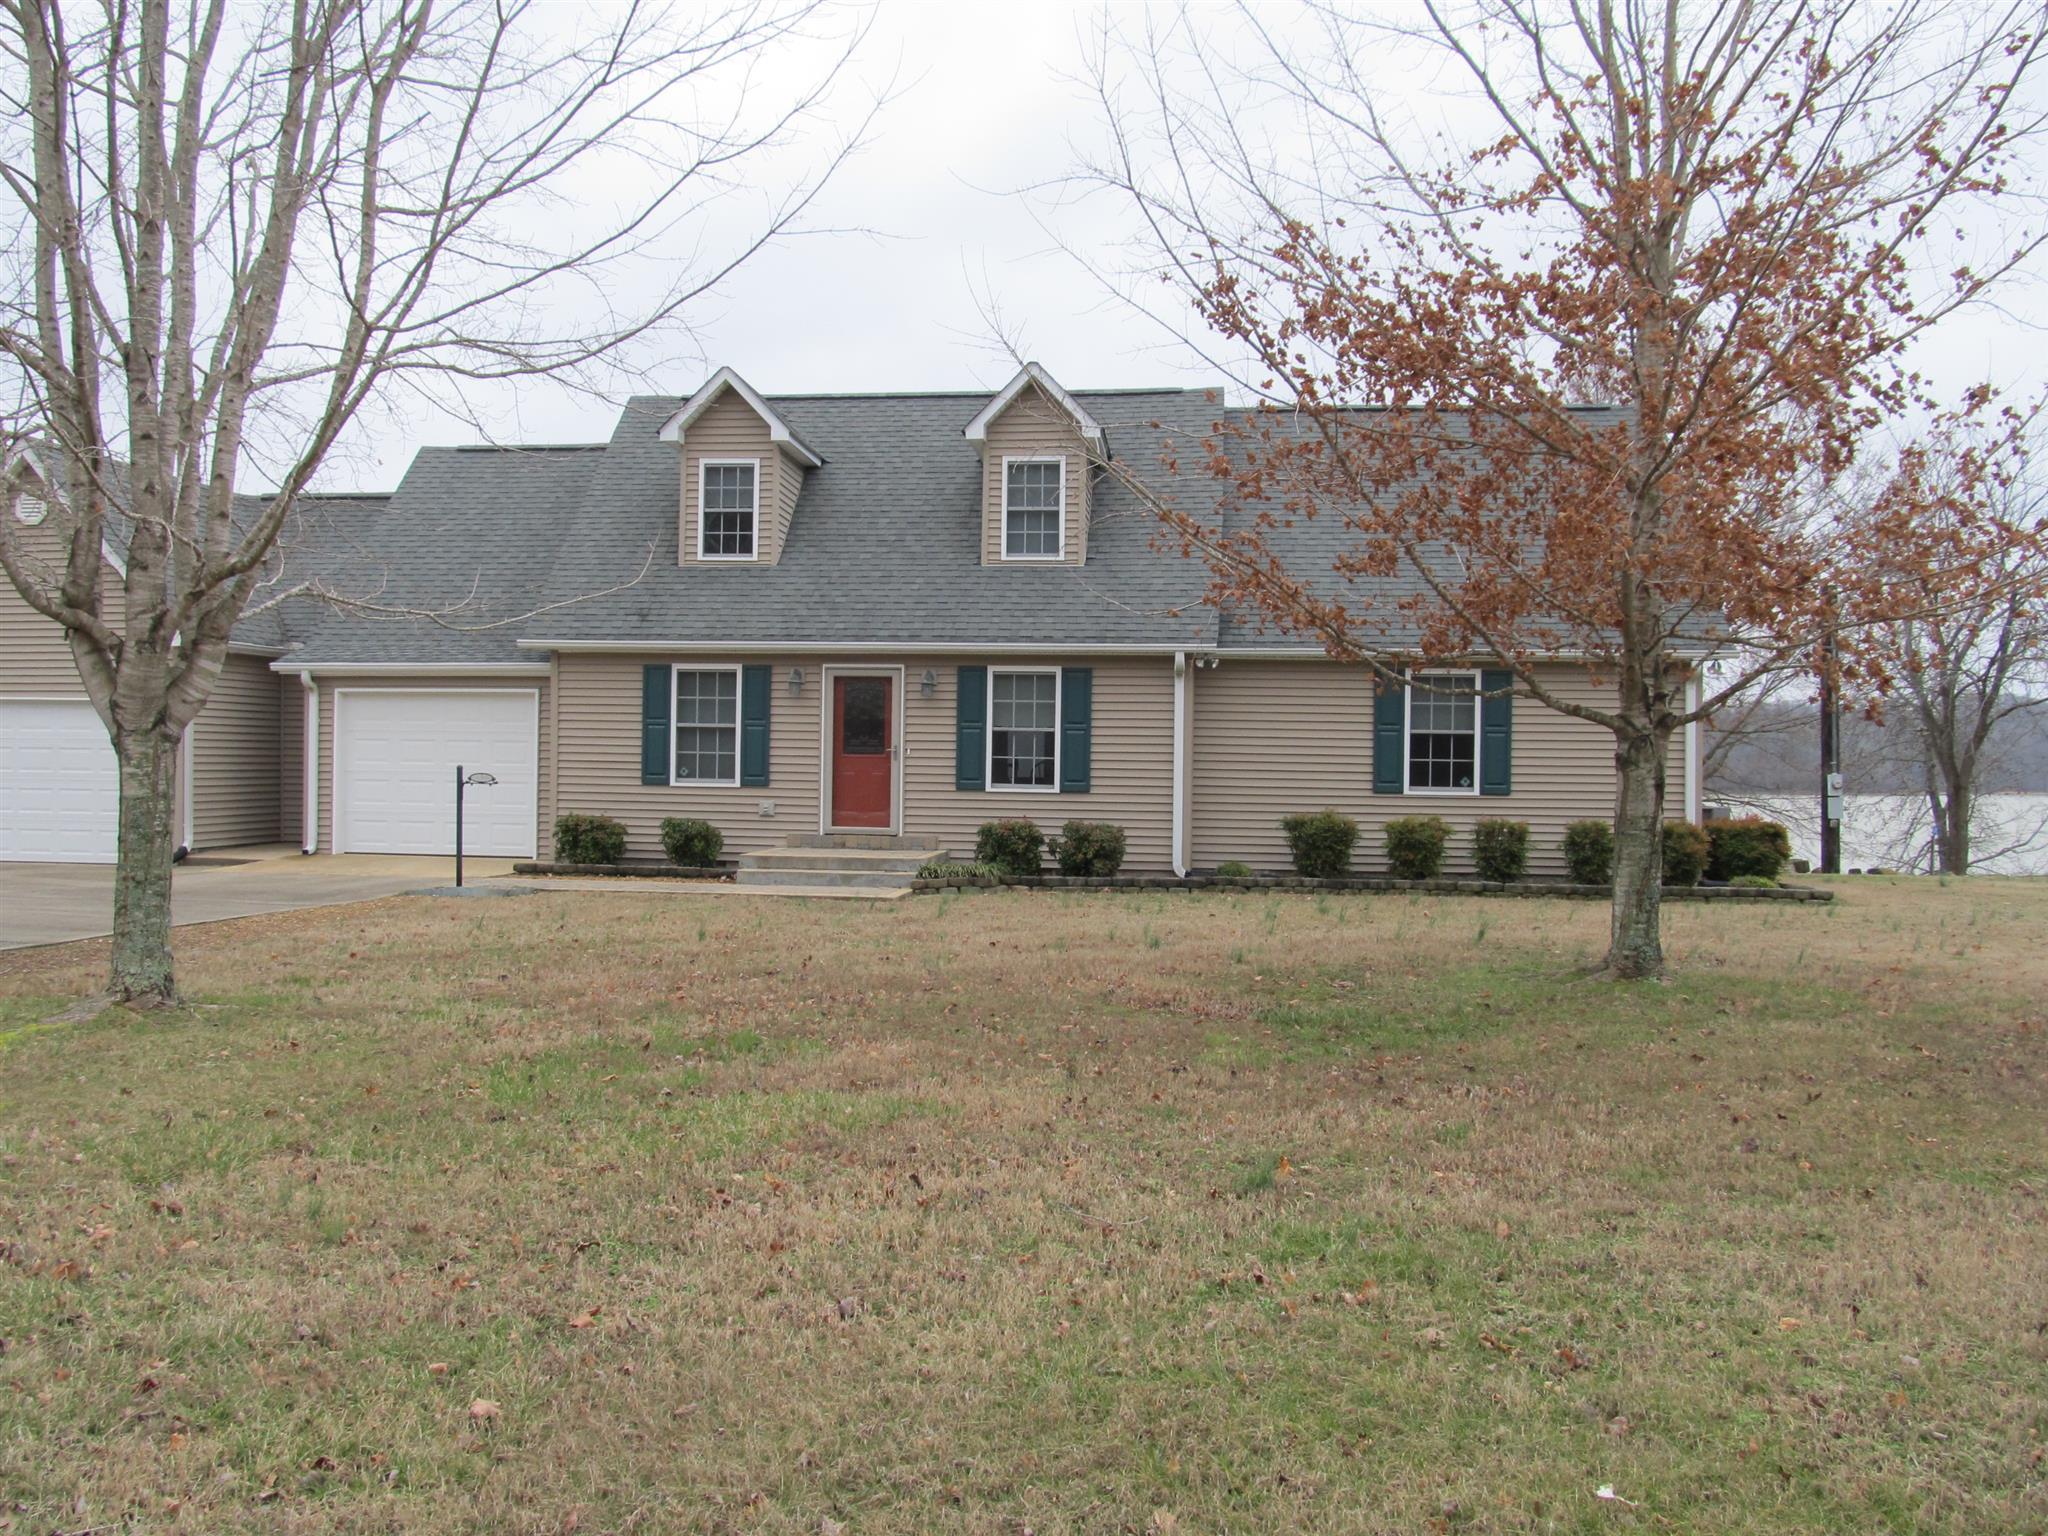 11959 W. HWY 147, Stewart, TN 37175 - Stewart, TN real estate listing